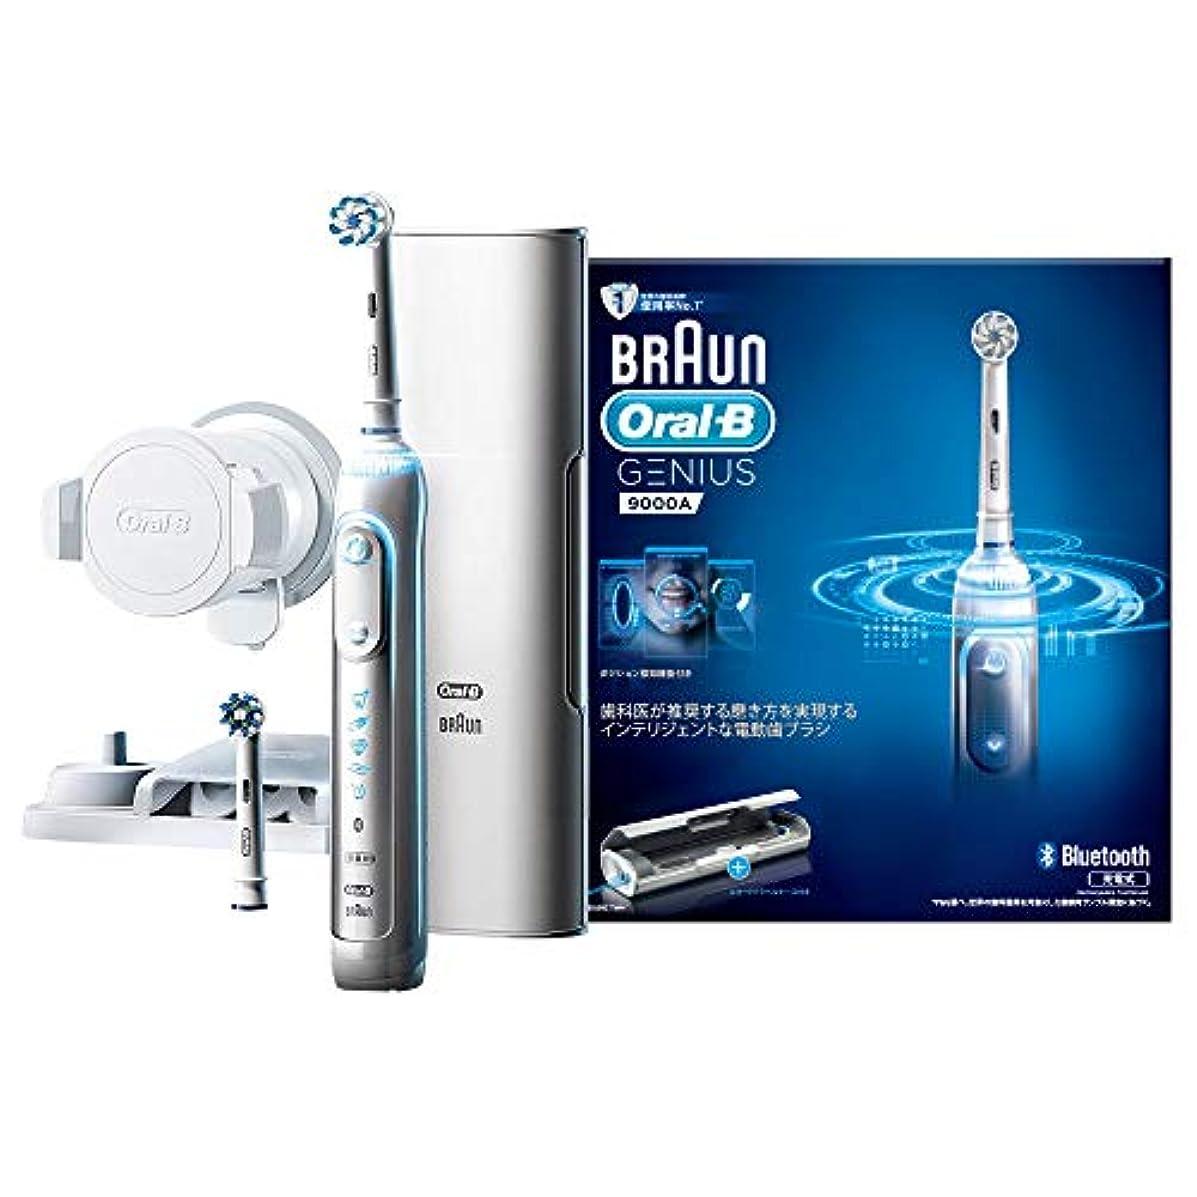 誰議題防衛ブラウン オーラルB 電動歯ブラシ ジーニアス9000 ホワイト D7015256XCTWH